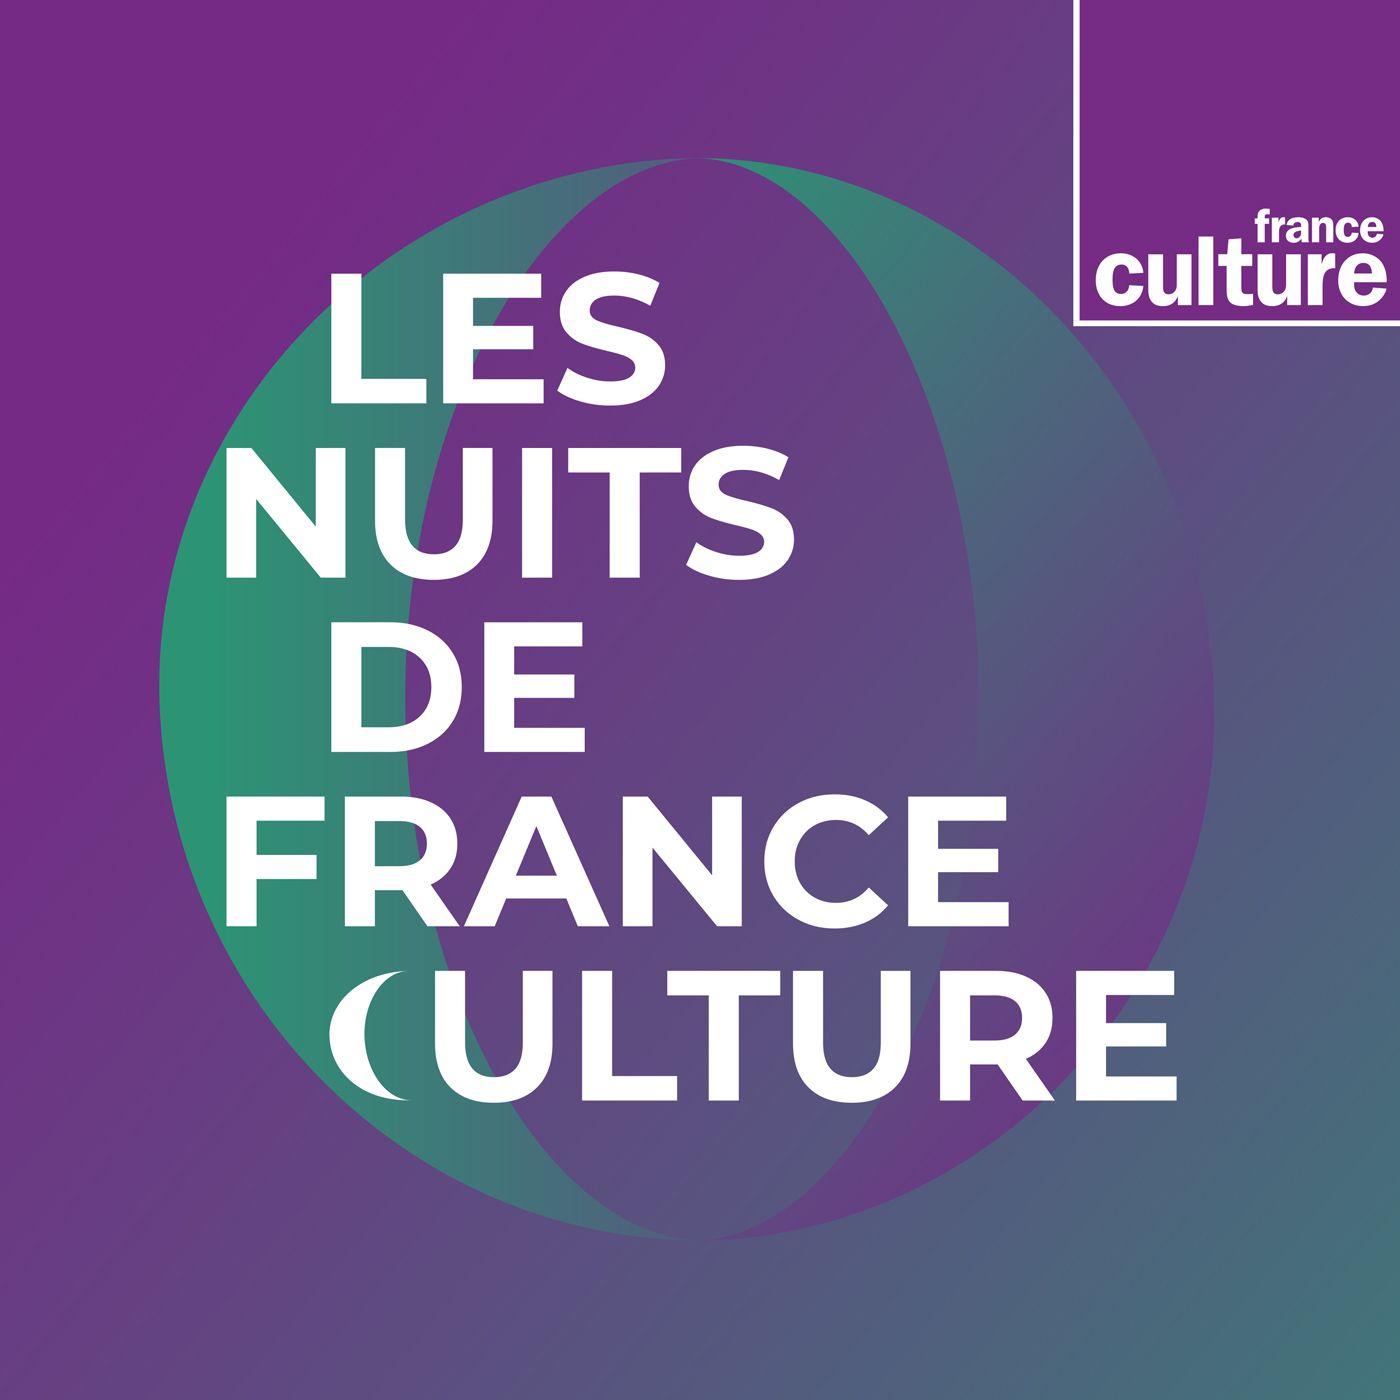 Image 1: Les Nuits de France Culture